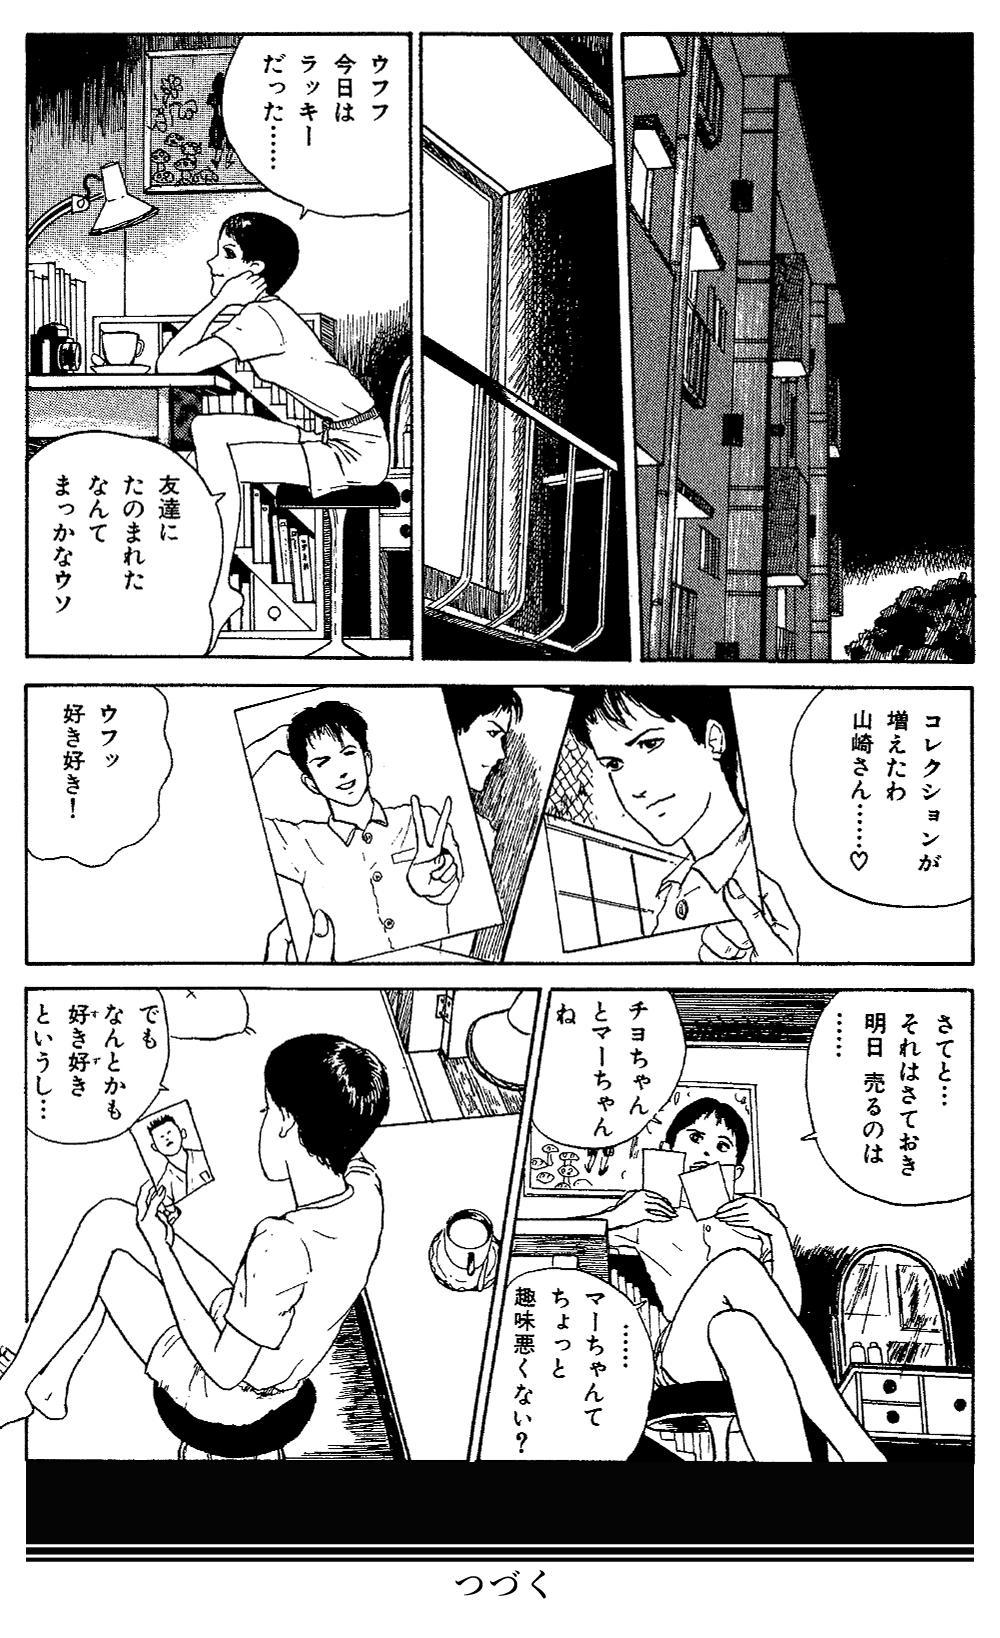 伊藤潤二傑作集 第4話「富江 写真」①juji10-12.jpg